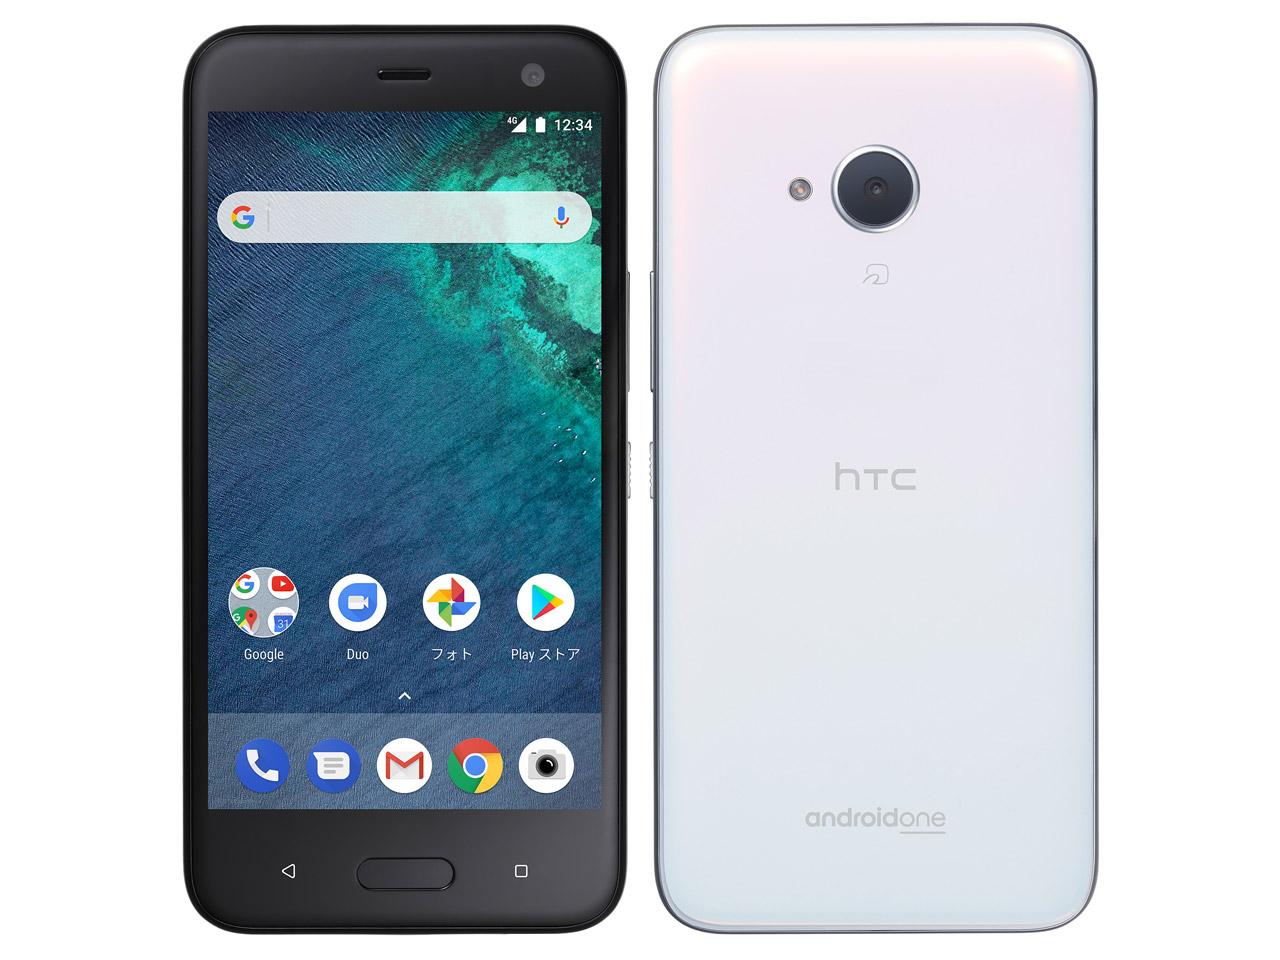 Android One X2 ワイモバイル [アイス ホワイト] の製品画像